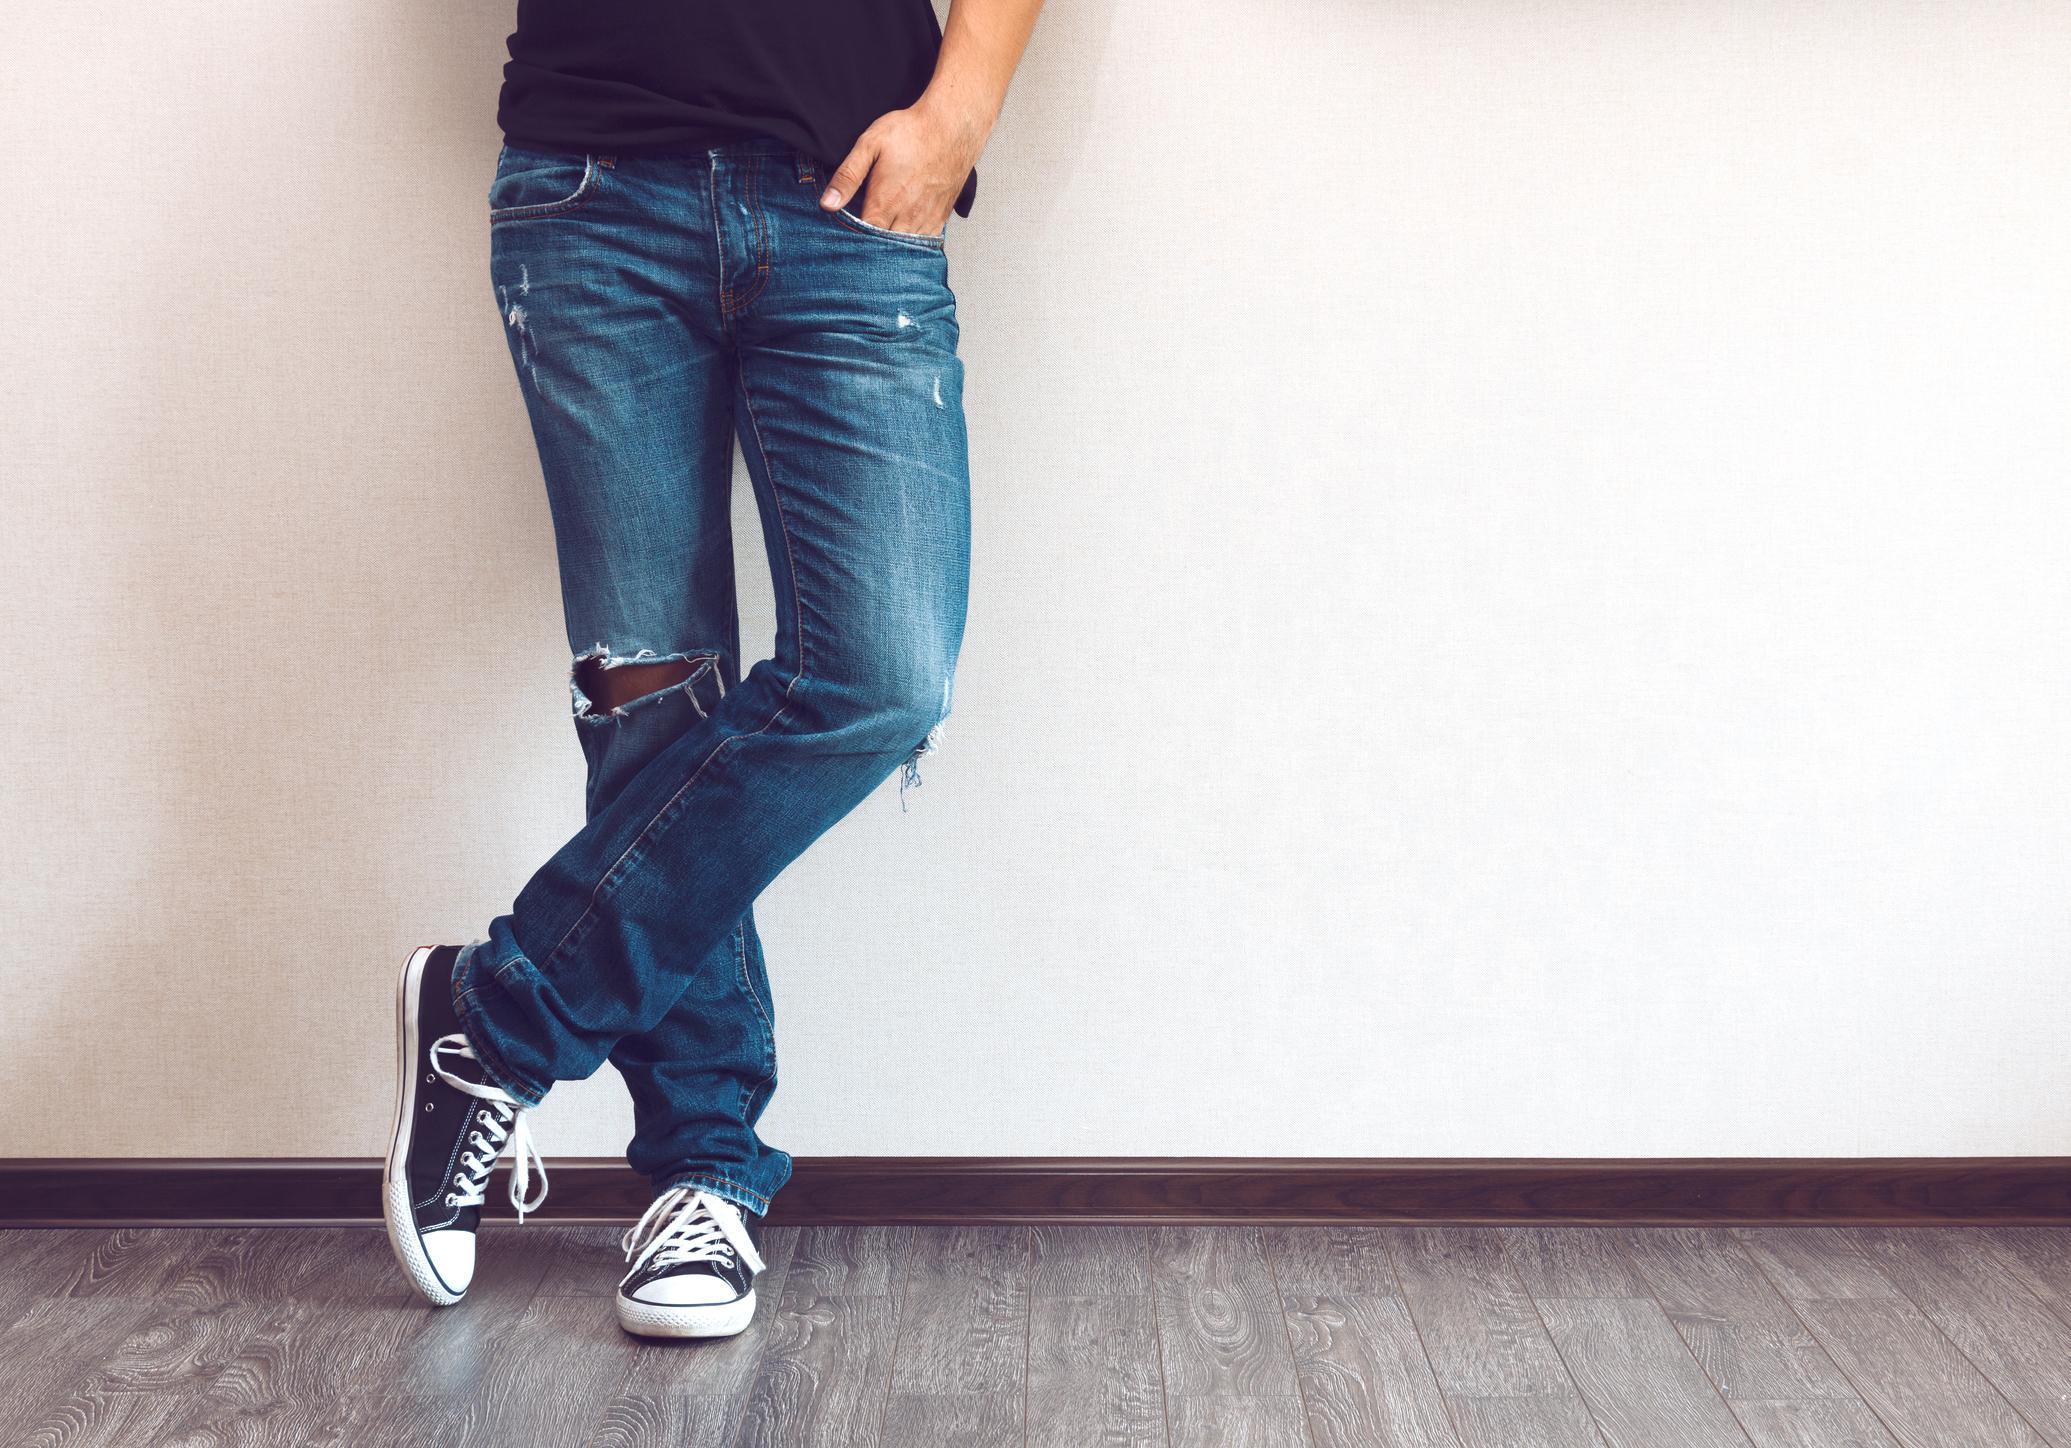 Трябва да имате поне един чифт наистина качествени дънки, които ще издържат на много носене, години наред. Не купувайте най-модерните, защото след един или два сезона няма да бъдат актуални. Залагайте на класиката.